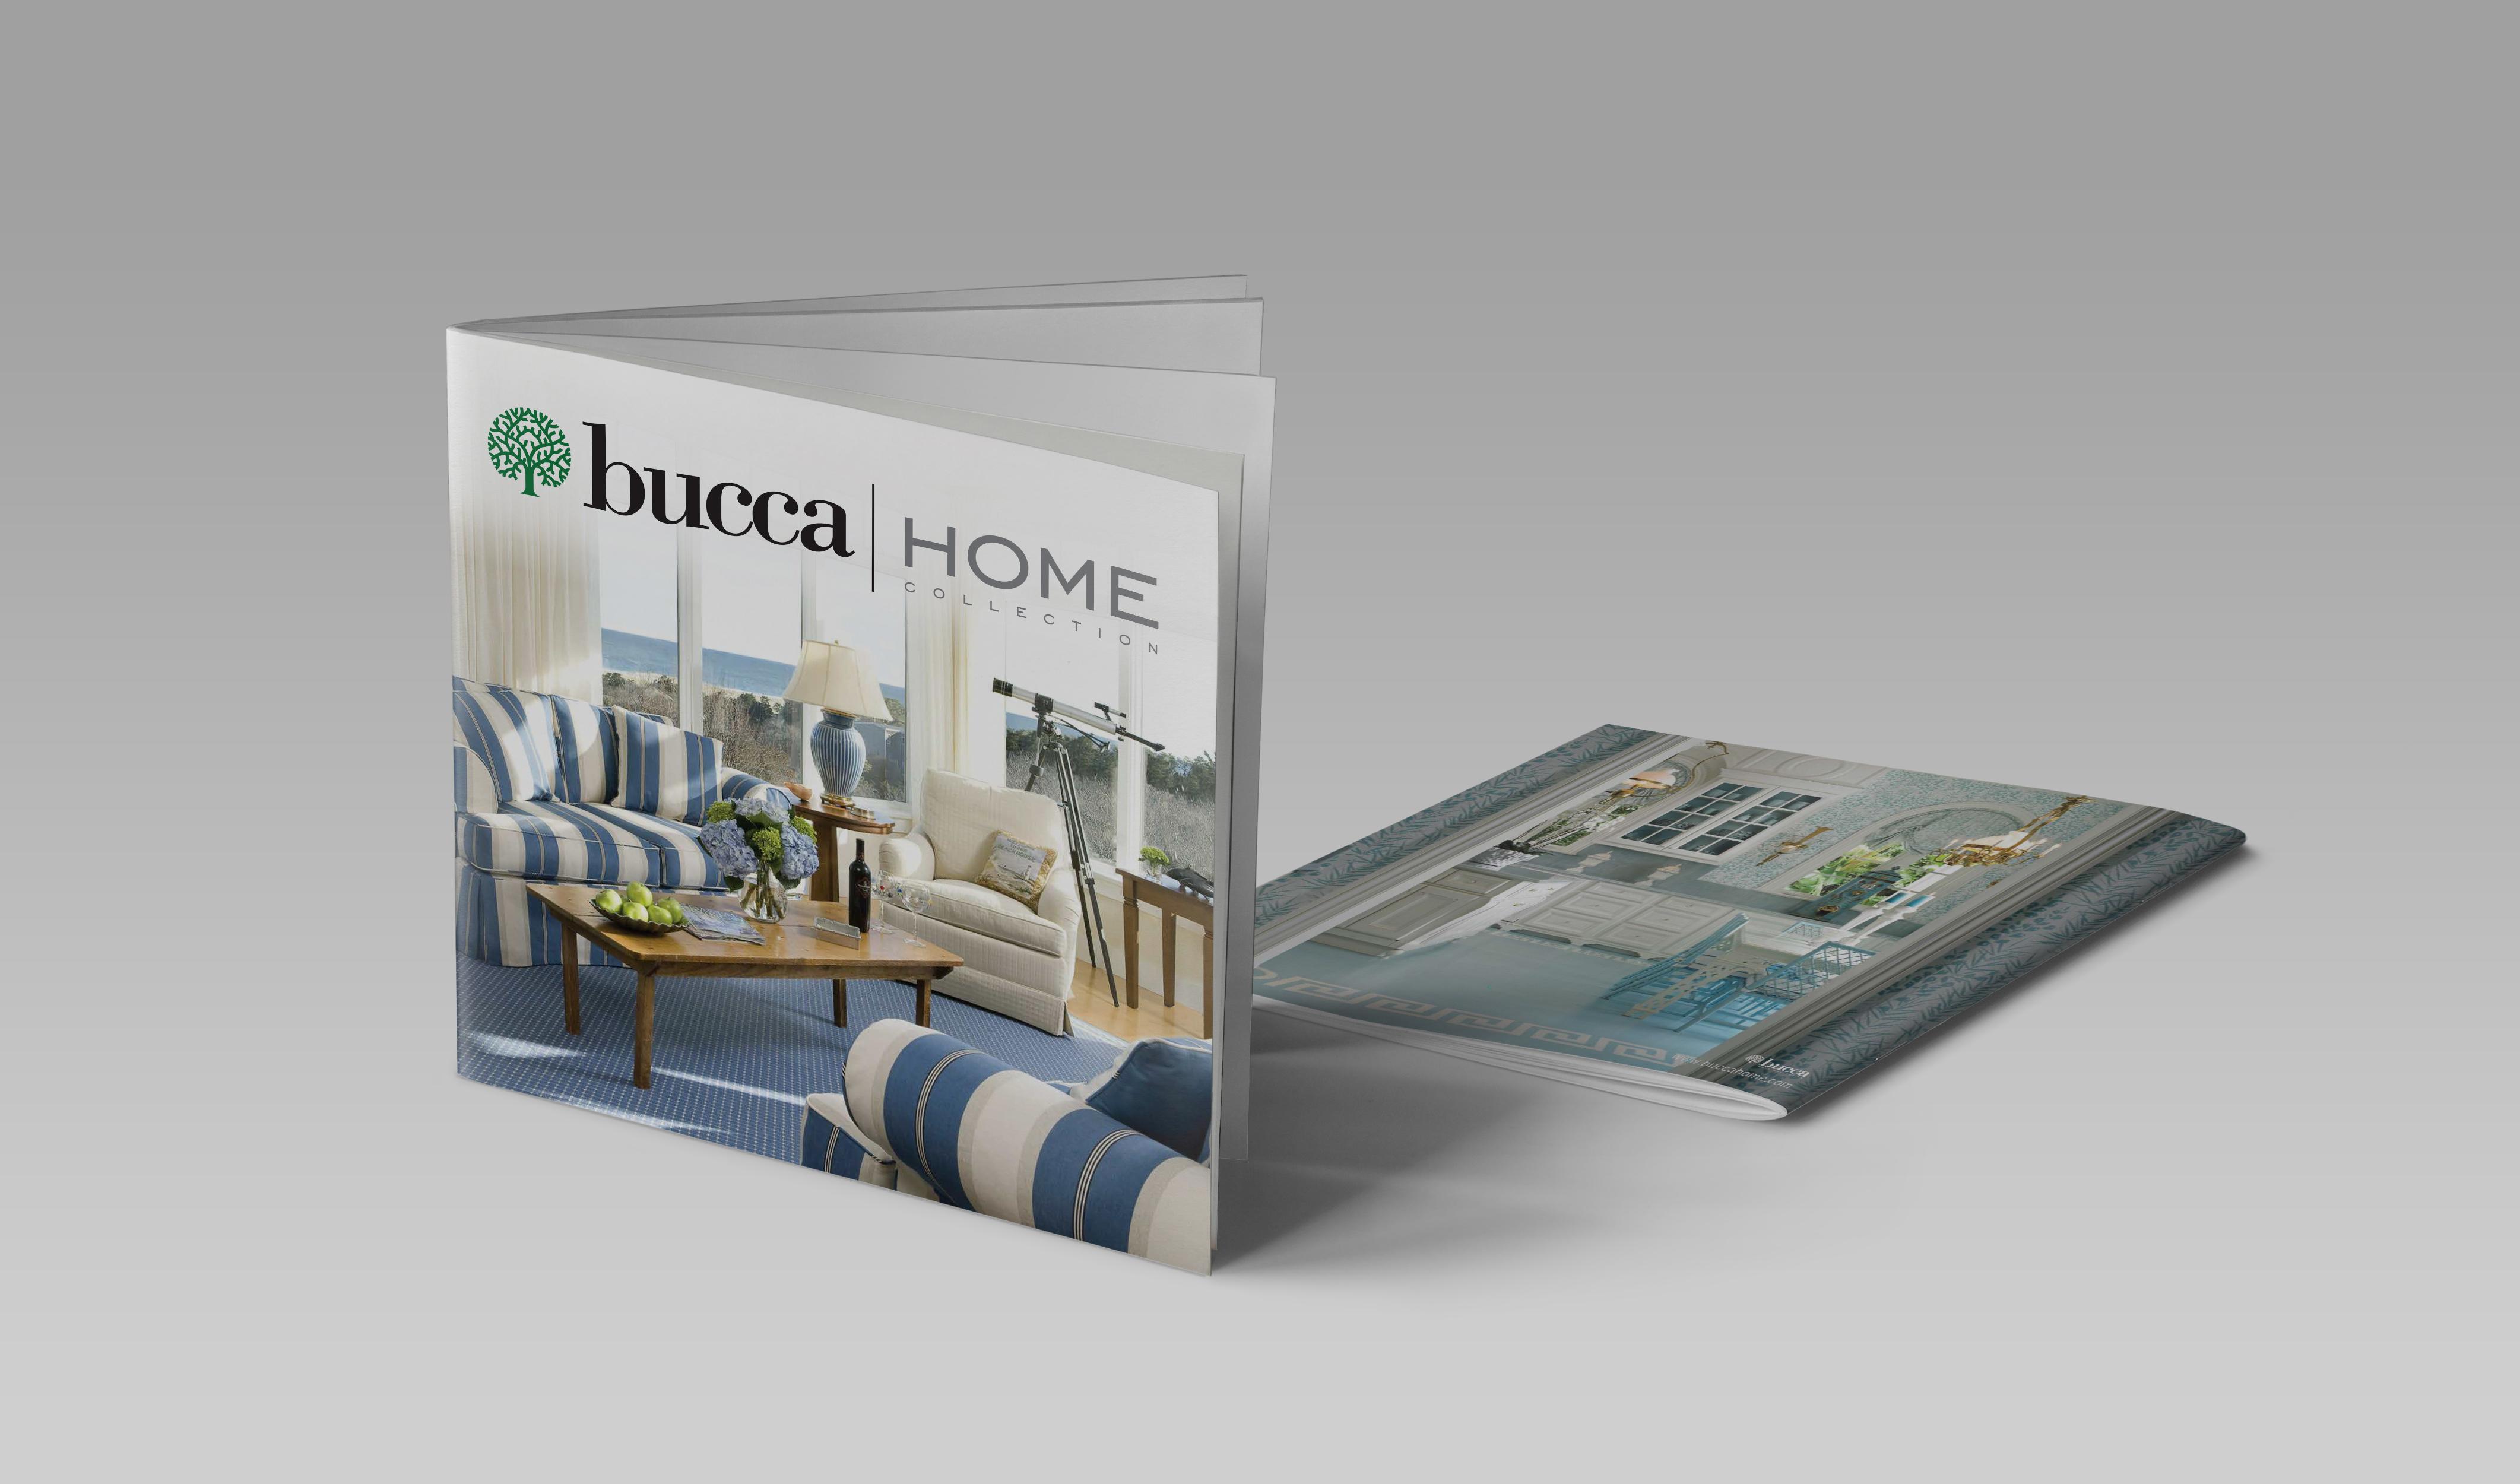 bucca broschure